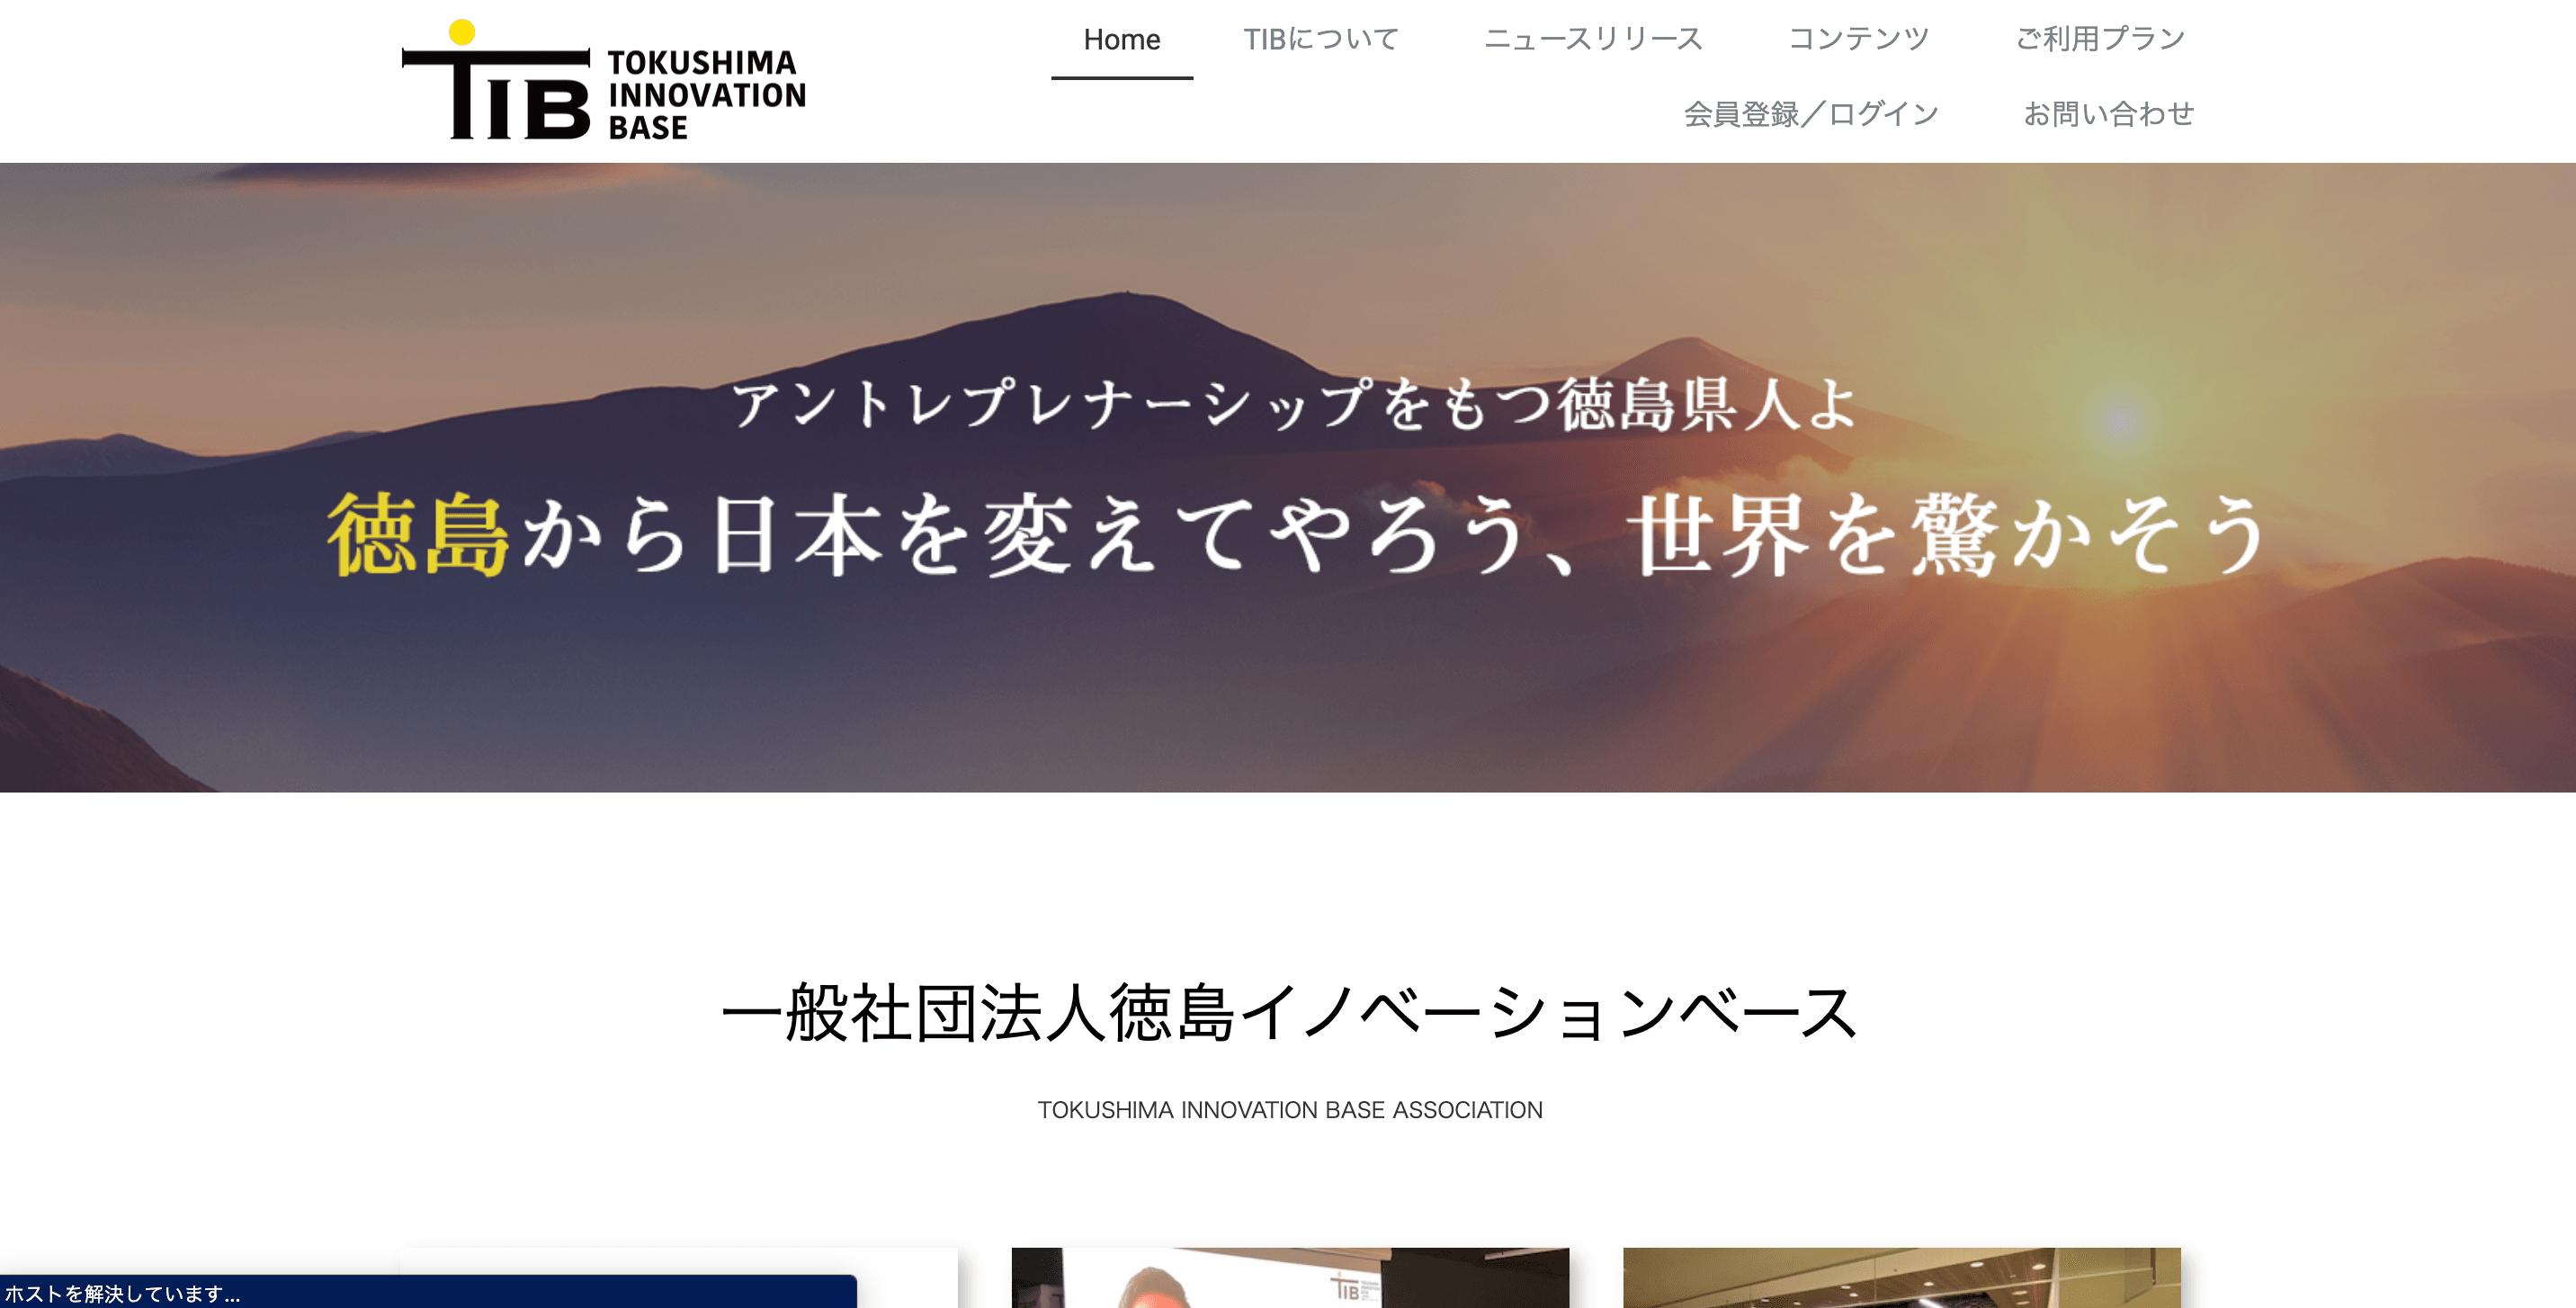 一般社団法人 徳島イノベーションベース(TIB)